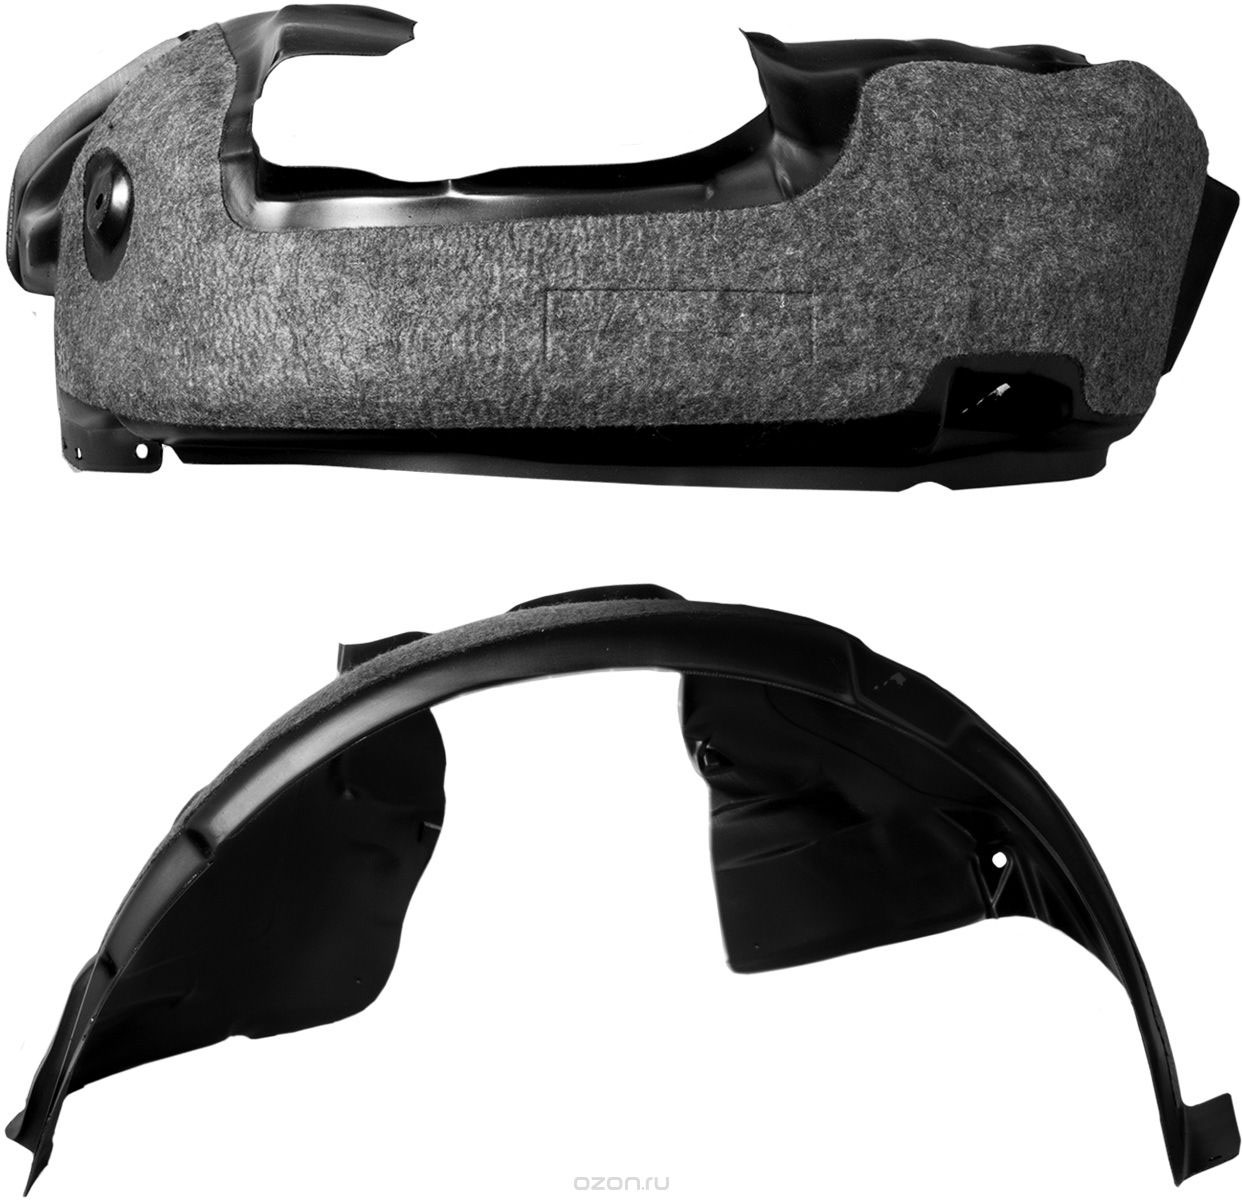 Подкрылок Novline-Autofamily, с шумоизоляцией, для CHERY Tiggo 5 FL, 2016->, кроссовер, задний правыйVCA-00Идеальная защита колесной ниши. Локеры разработаны с применением цифровых технологий, гарантируют максимальную повторяемость поверхности арки. Изделия устанавливаются без нарушения лакокрасочного покрытия автомобиля, каждый подкрылок комплектуется крепежом. Уважаемые клиенты, обращаем ваше внимание, что фотографии на подкрылки универсальные и не отражают реальную форму изделия. При этом само изделие идет точно под размер указанного автомобиля.